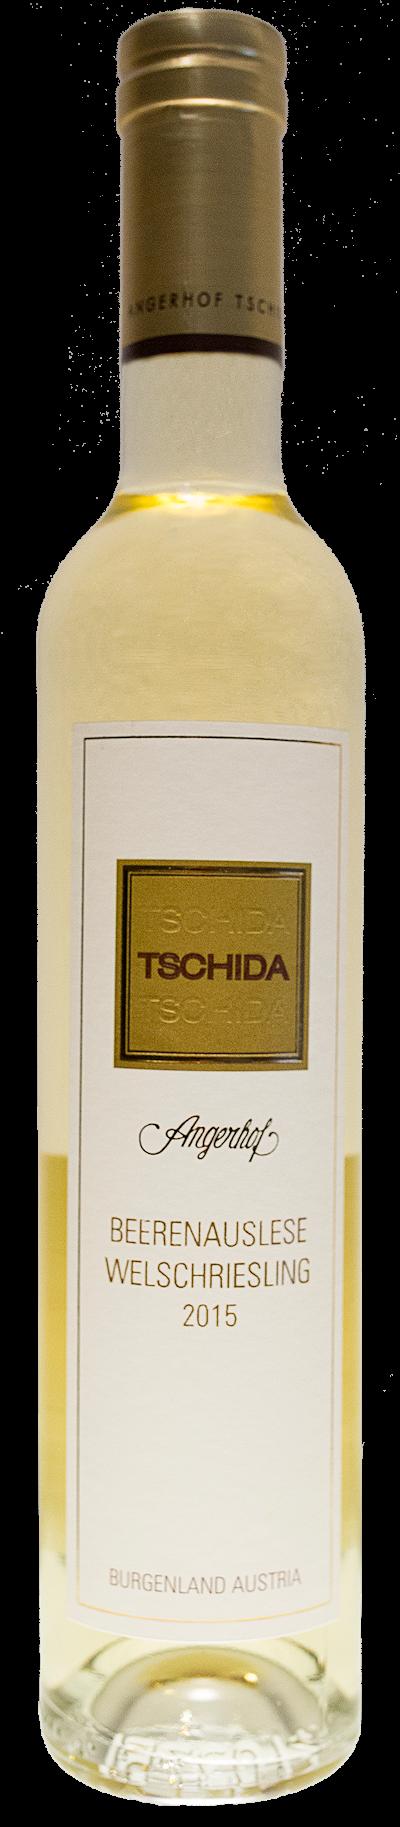 Angerhof Tschida - Welschriesling Beerenauslese